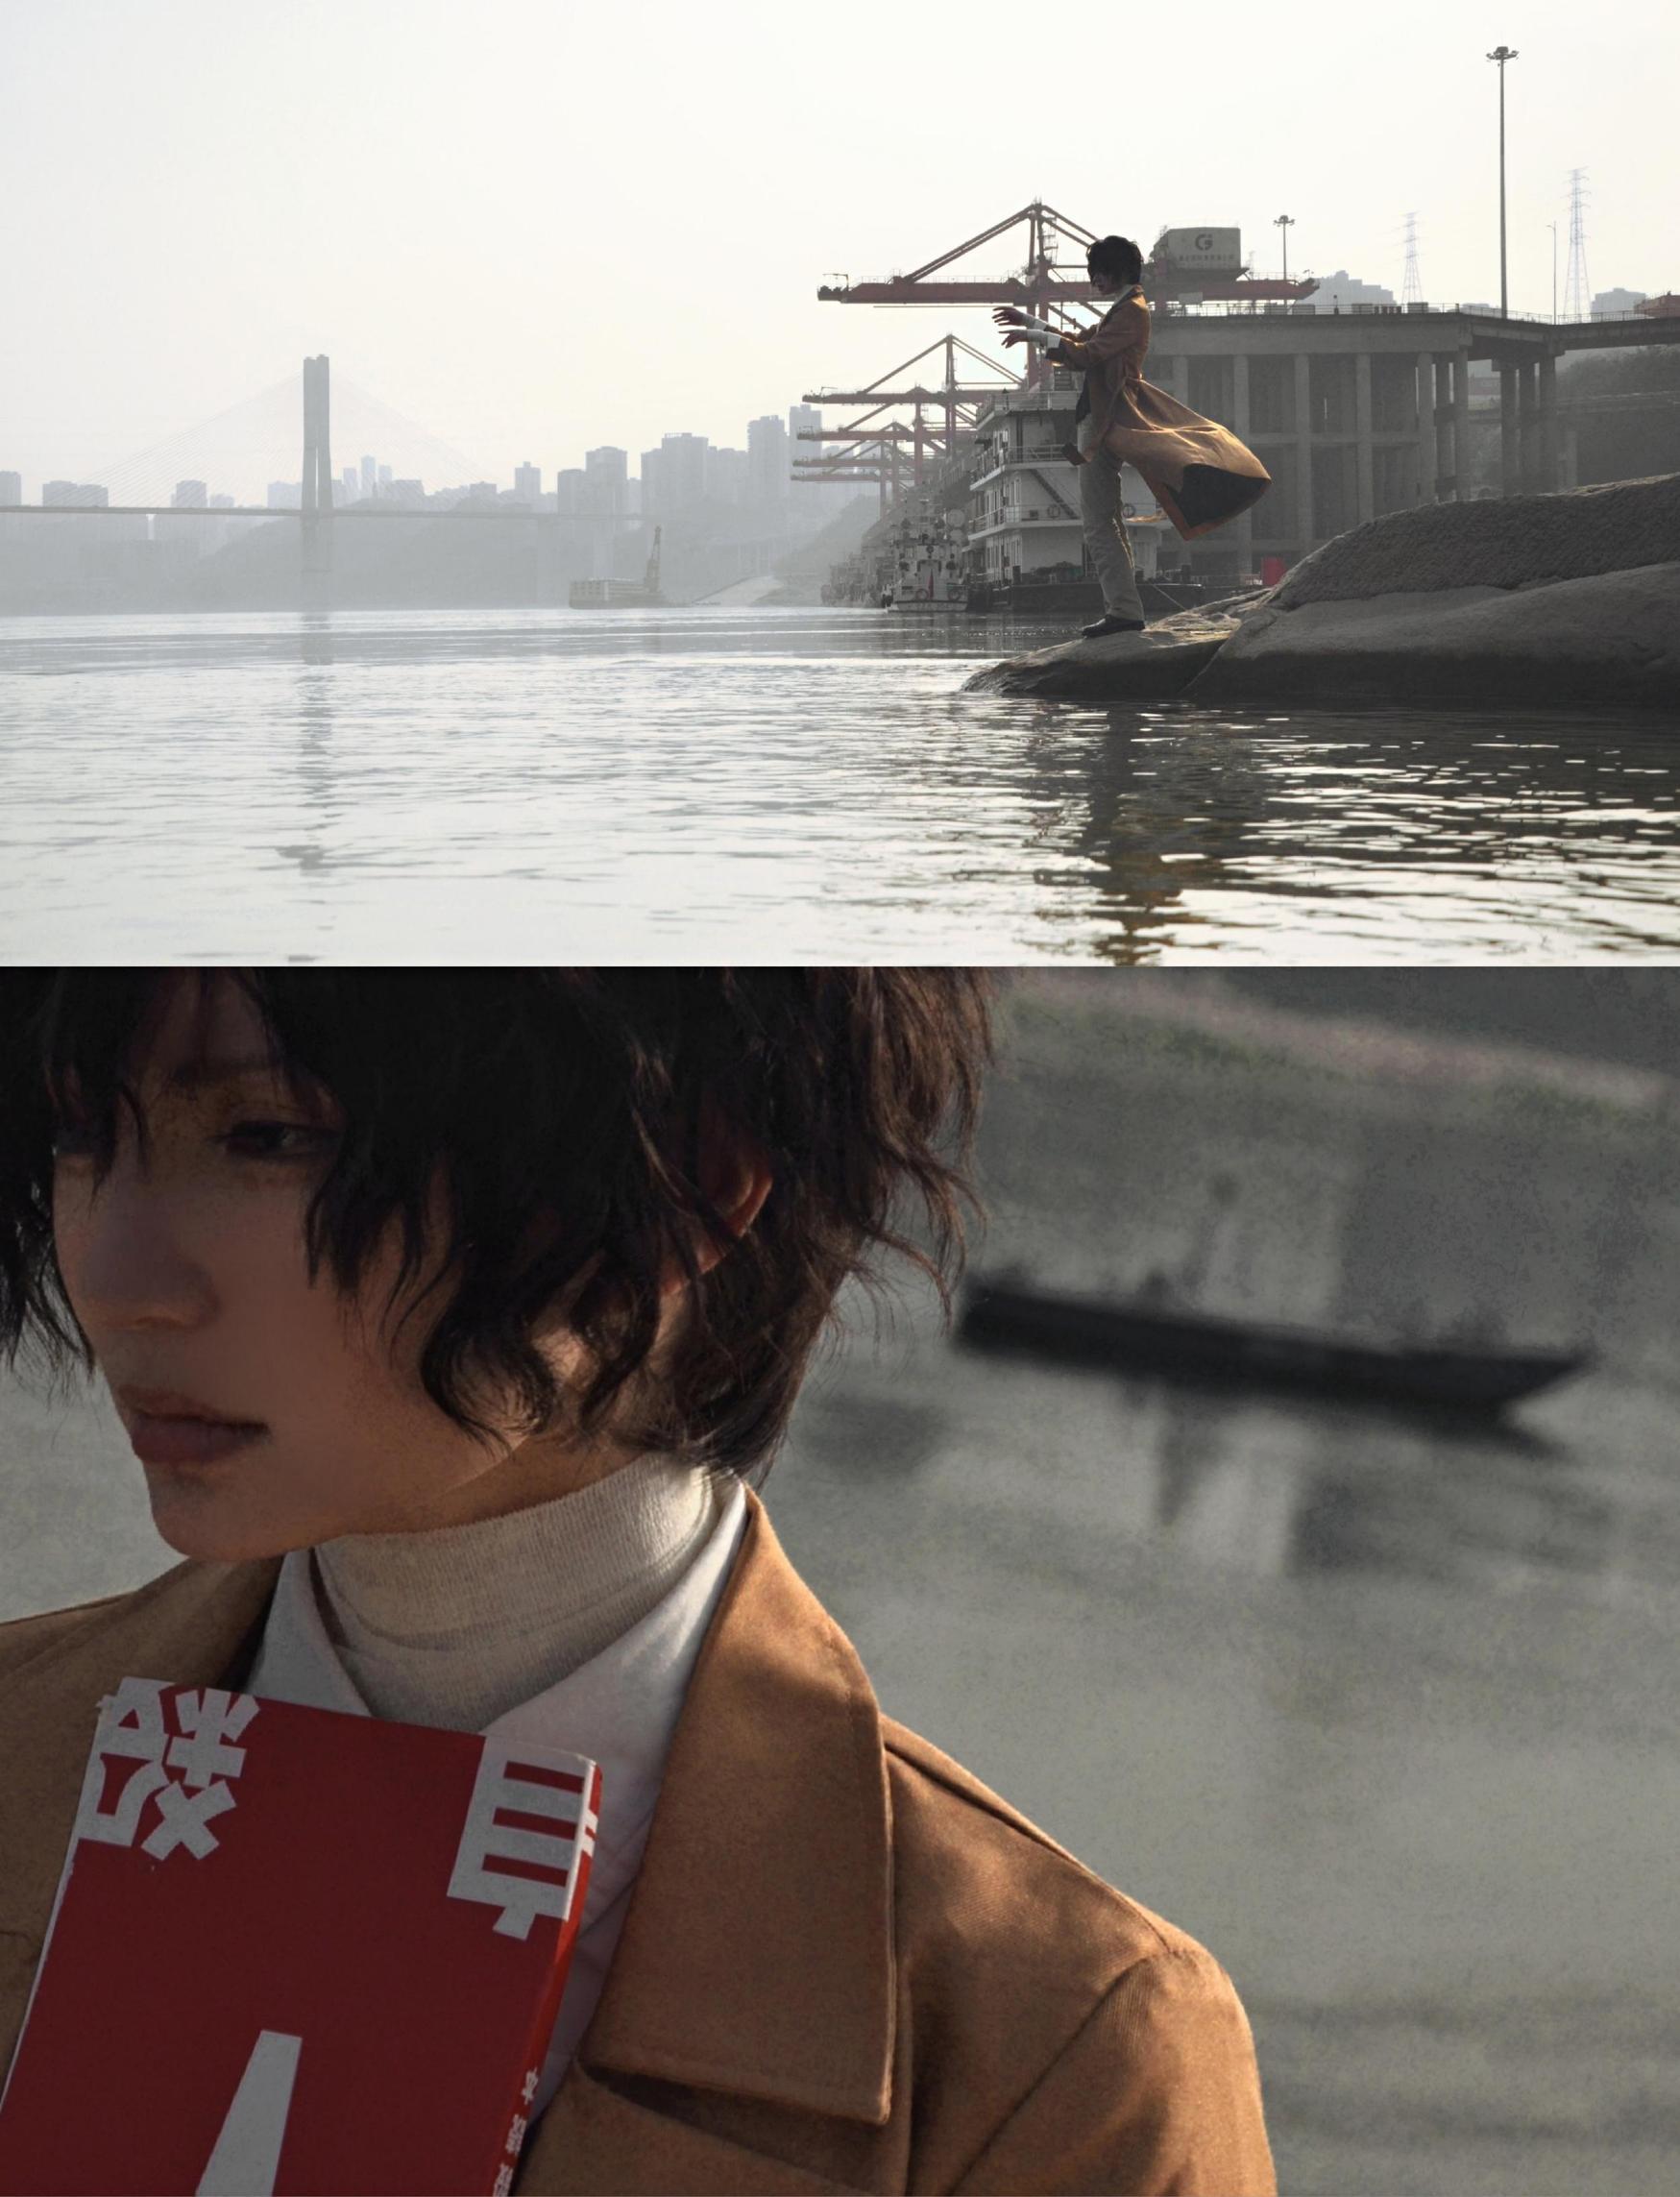 《文豪野犬》正片cosplay【CN:以撒尼】-第3张